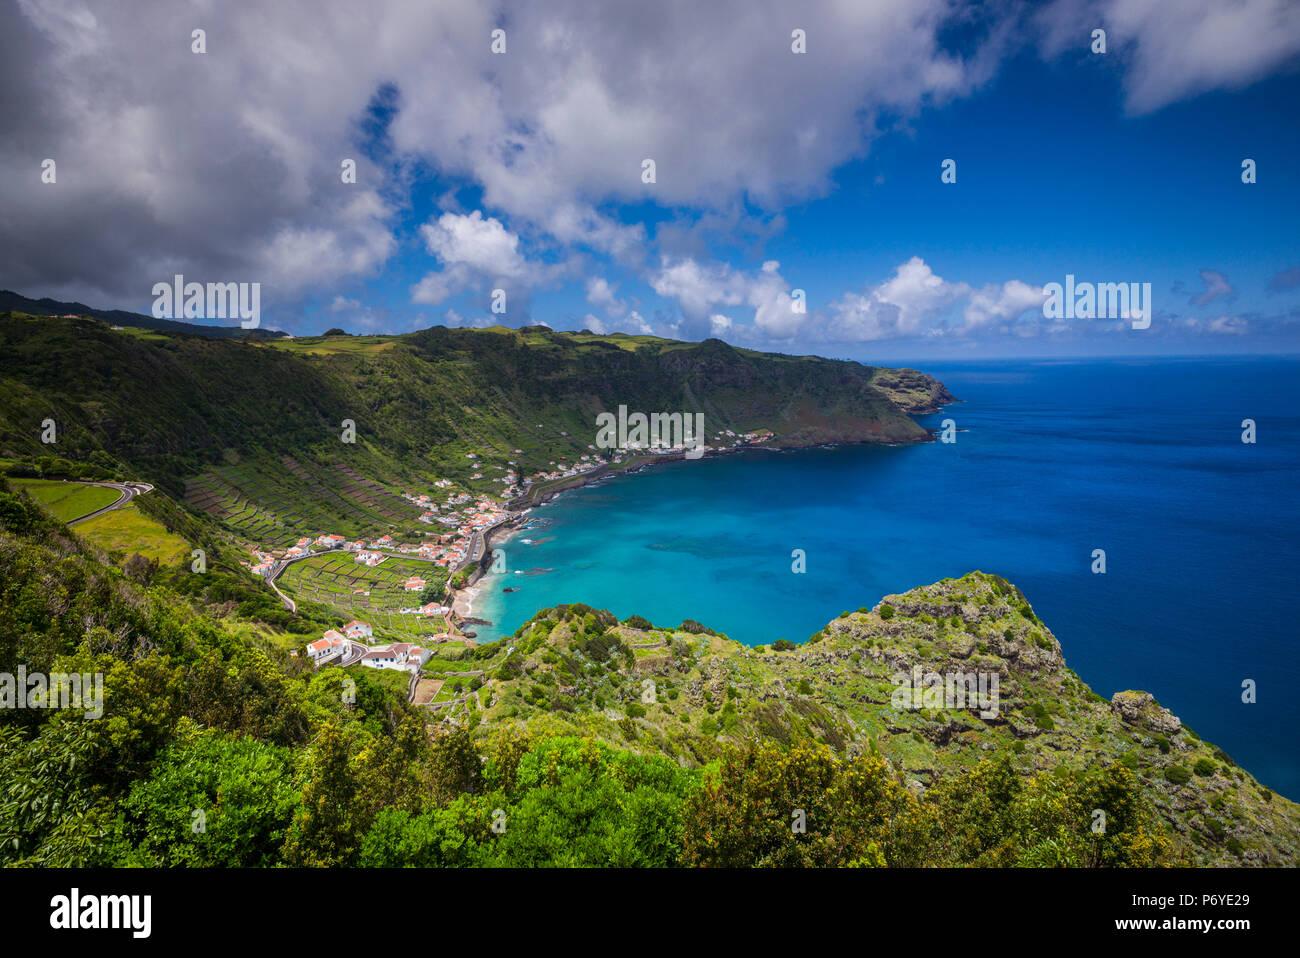 Portugal, Azores, Santa Maria, île de Sao Lourenço avec le Baia do Sao Lourenco bay Photo Stock